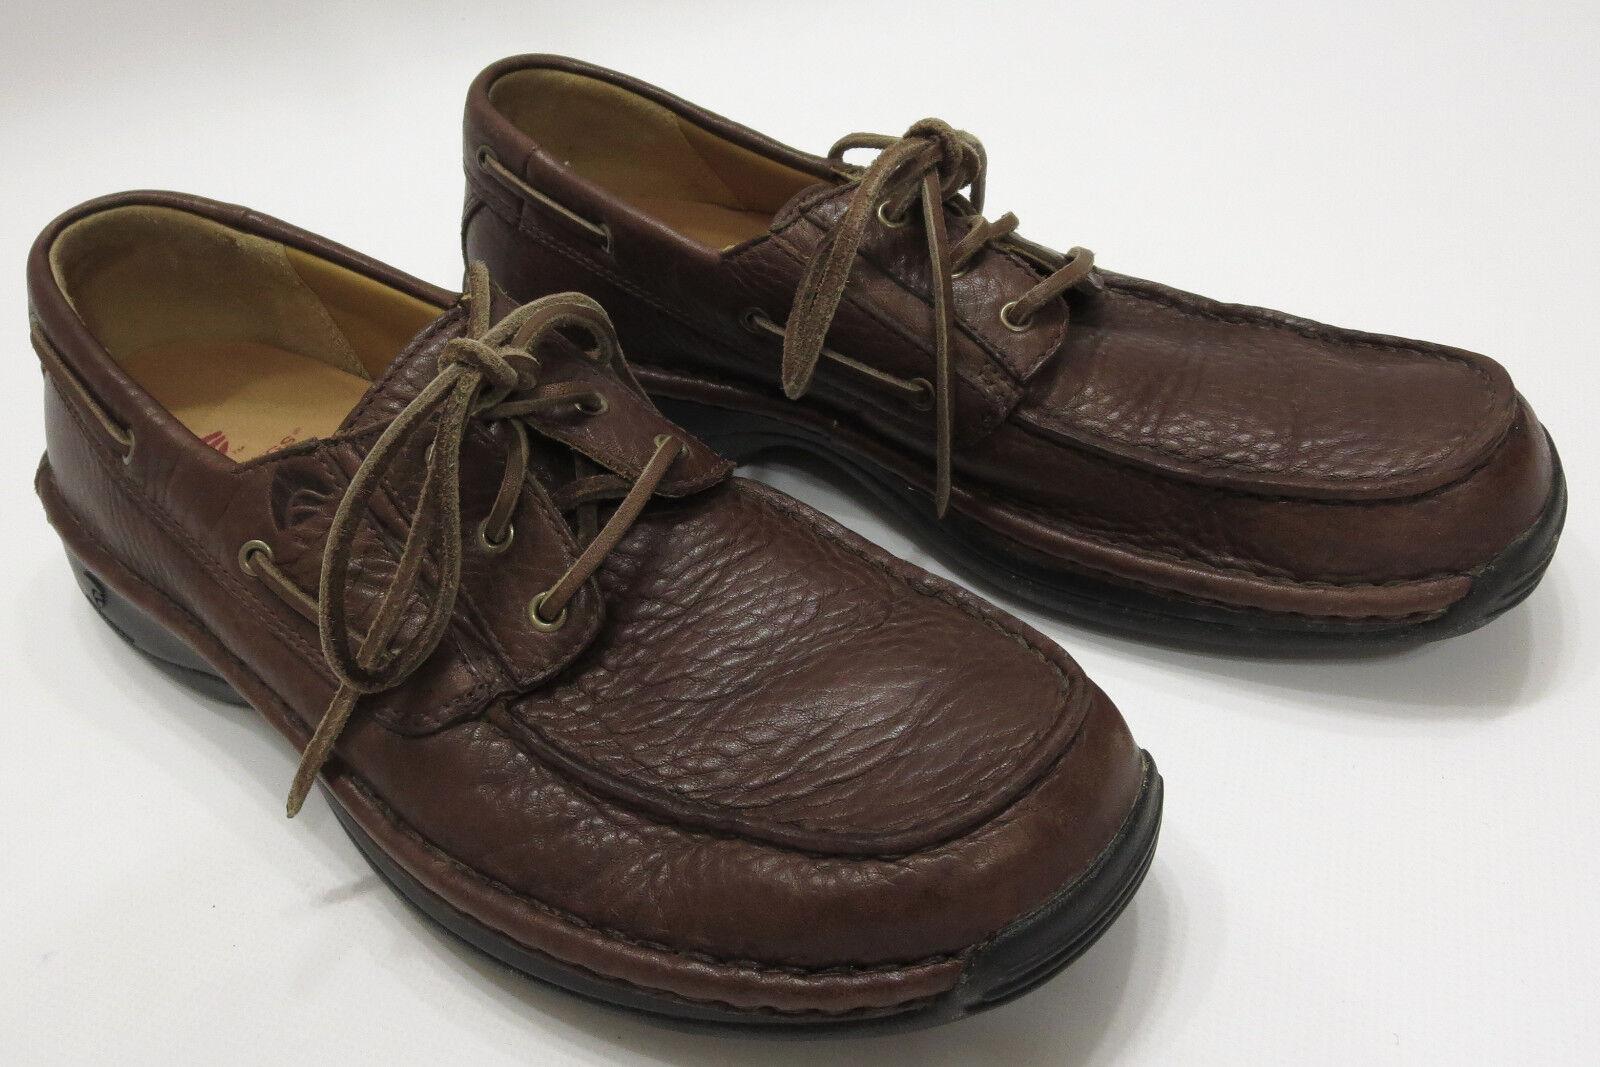 Rojo Oxford Wings Oxford Rojo 9 B Estrecho Cuero con Guijarros Marrón Zapatos para Hombre Cubierta 4050 2c4e1c